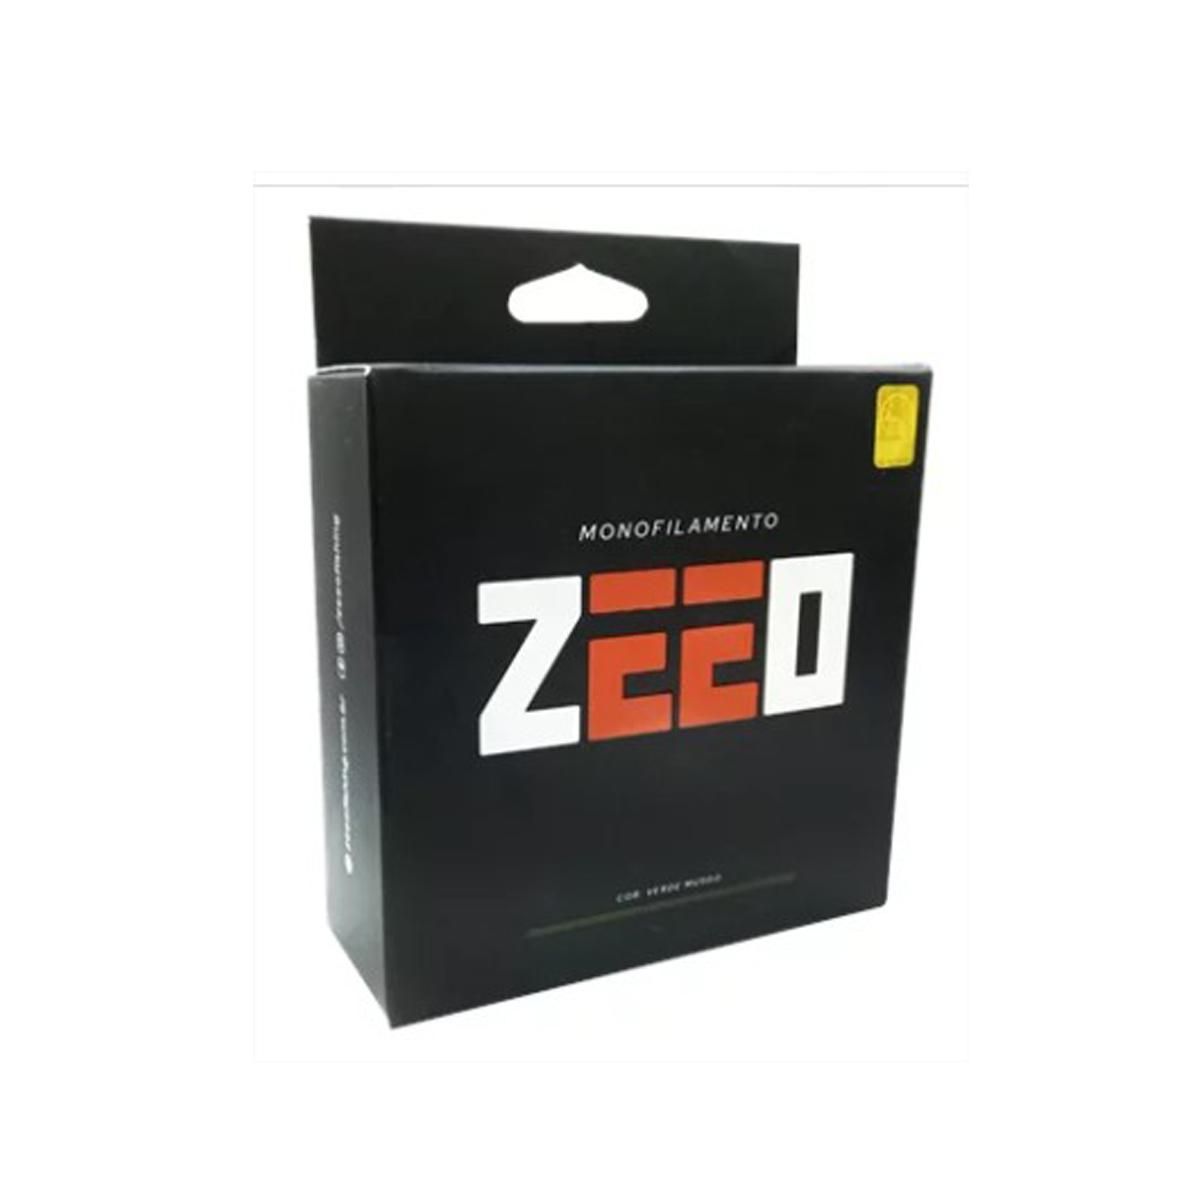 Linha Zeeo Monofilamento 300 m (Verde Musgo)  - Pró Pesca Shop